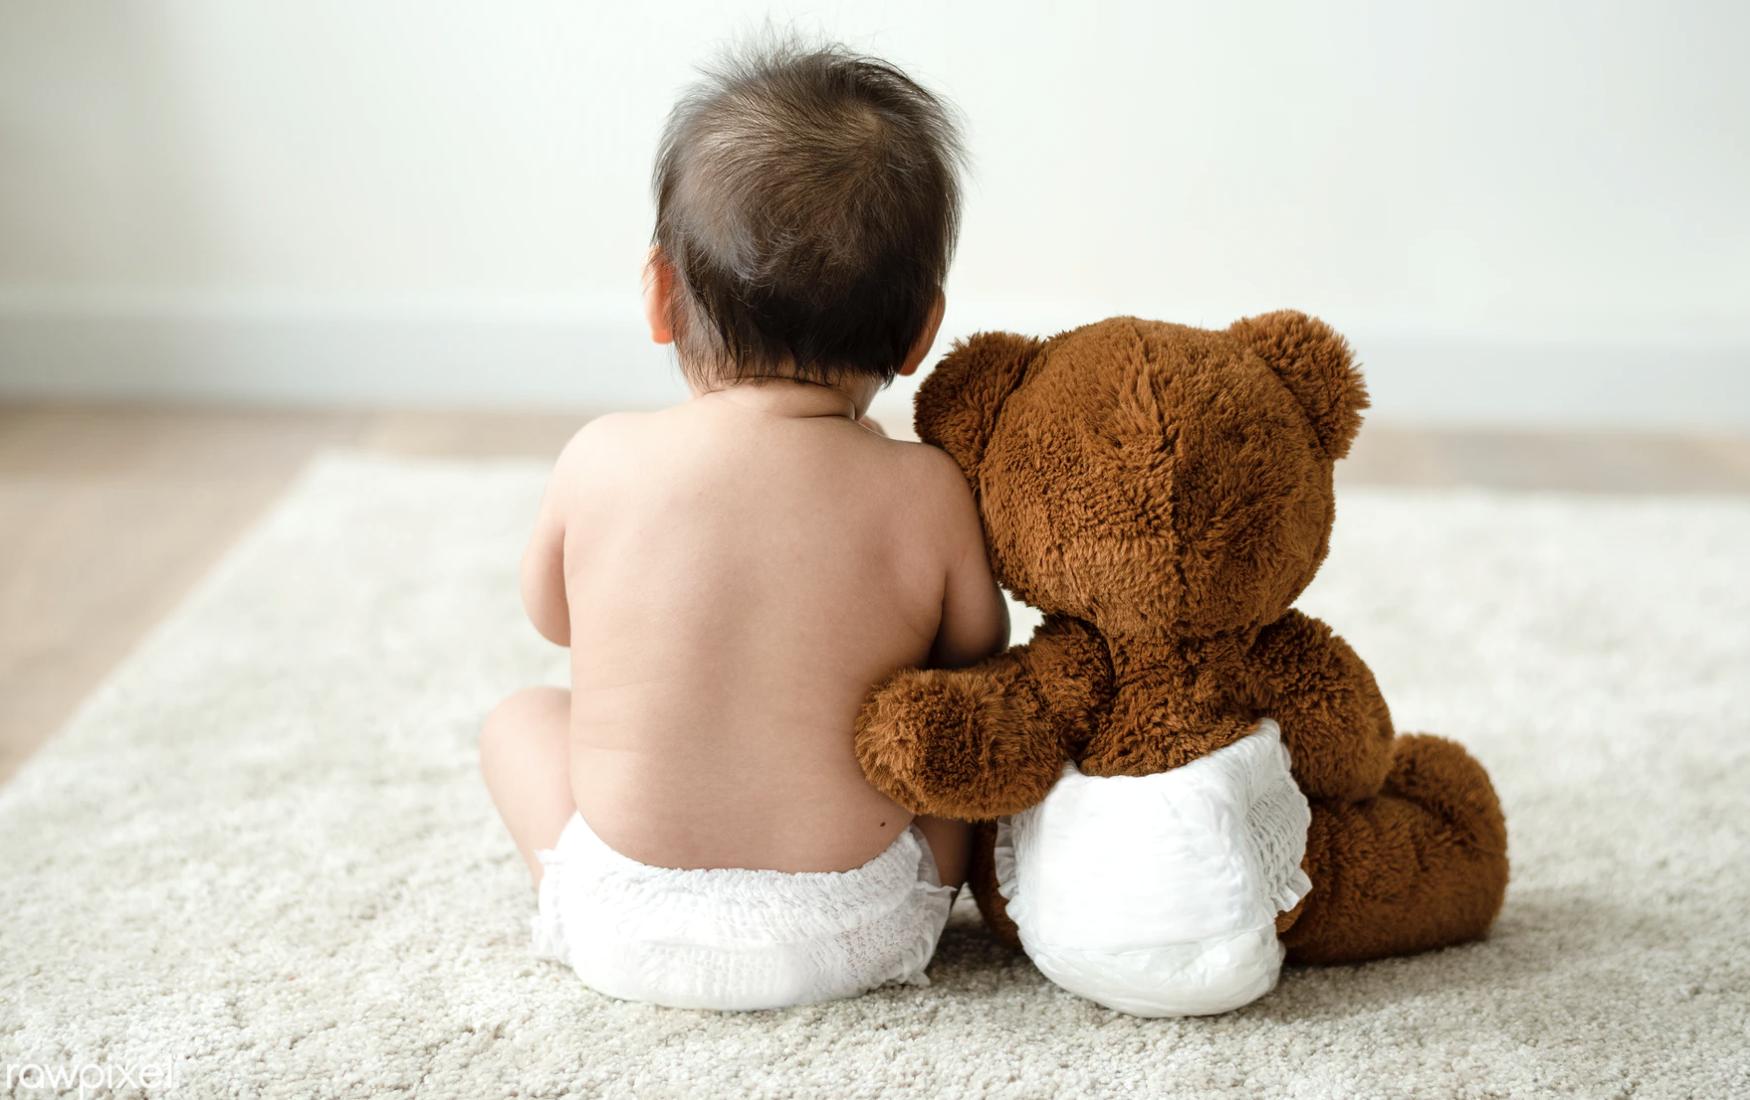 baby en teddybeer zitten naast elkaar te wachten tot de oppas komt.  Wat als je baby huilt? Wat als hij een nieuwe luier nodig heeft? In dit artikel legt moeder iris het uit!